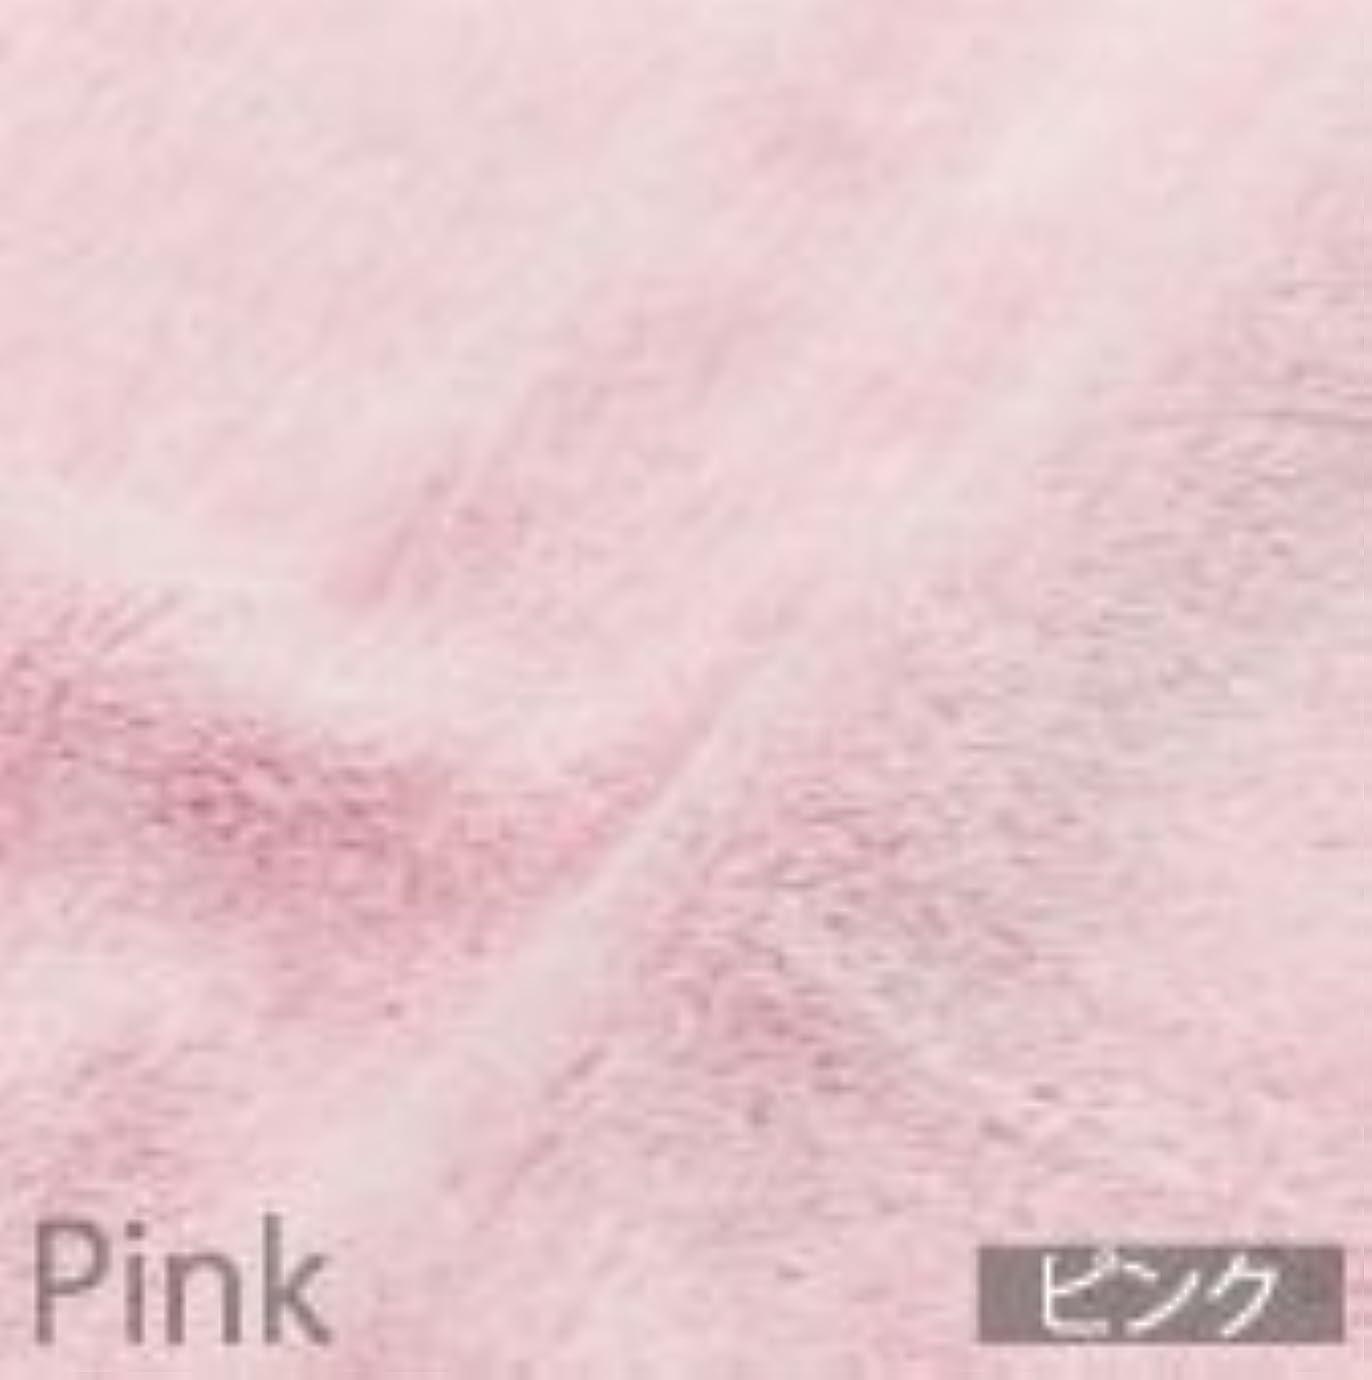 ワックス状高揚したマイクロファイバーフェイスタオル極ピンク